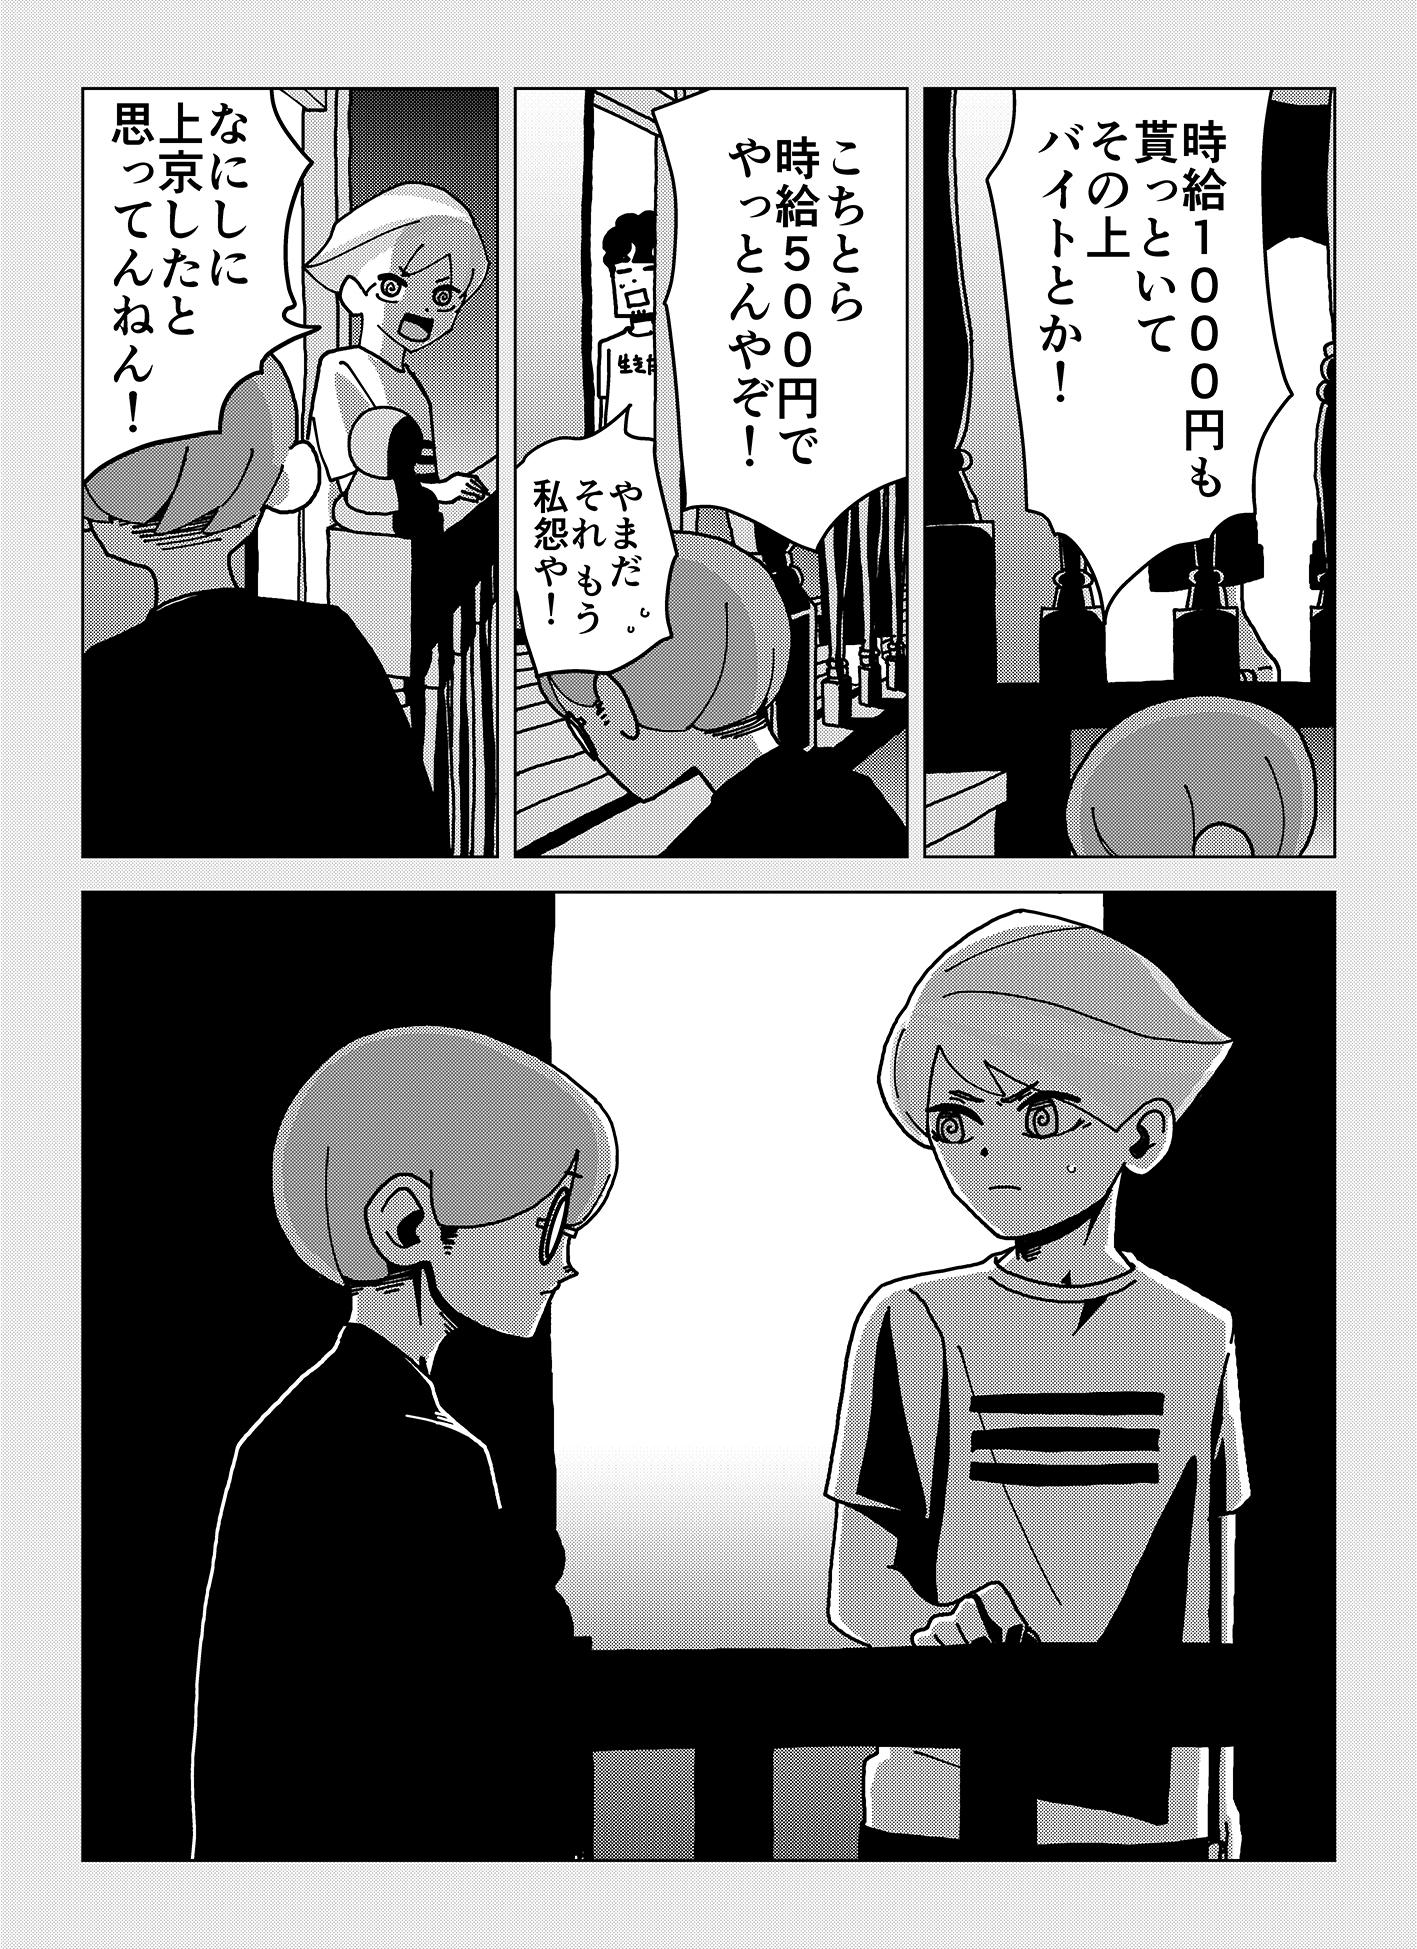 share_09_007